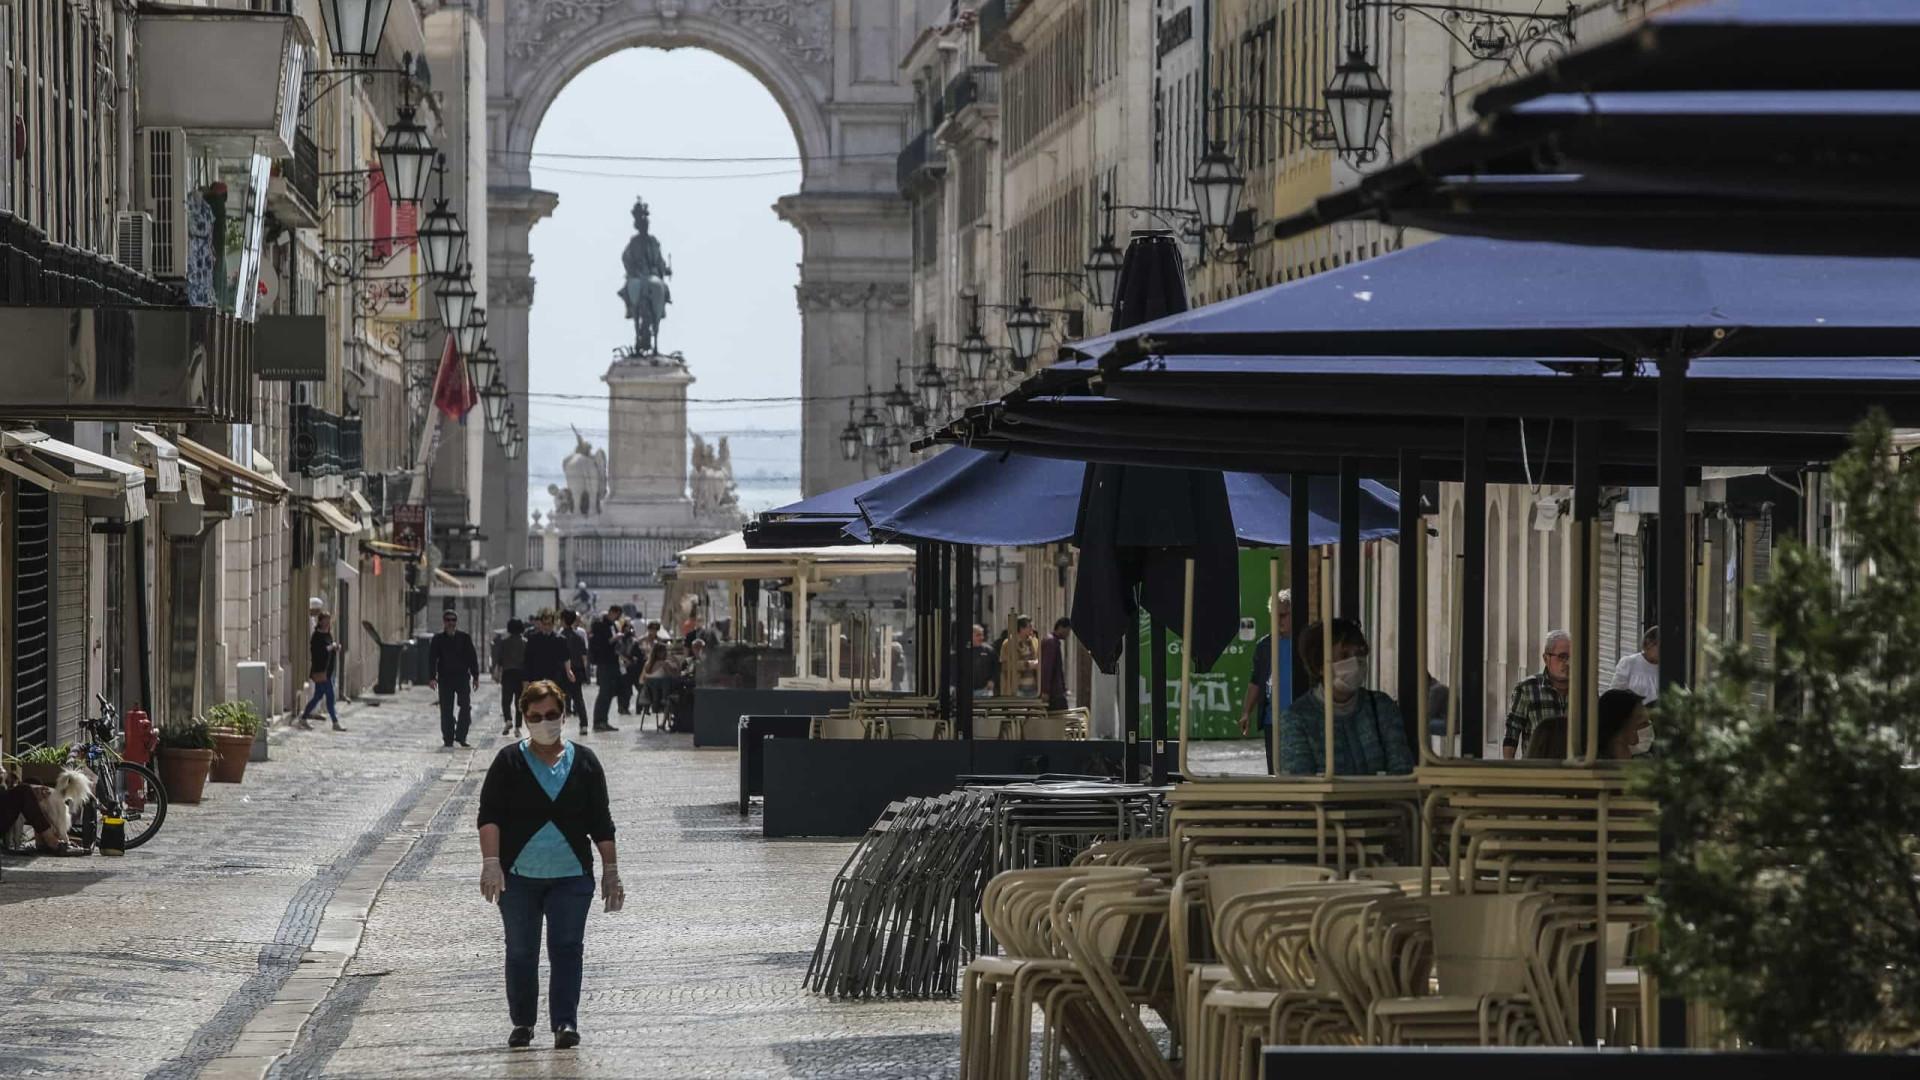 Covid-19. Esta é a Lisboa (quase vazia) em tempos do novo coronavírus